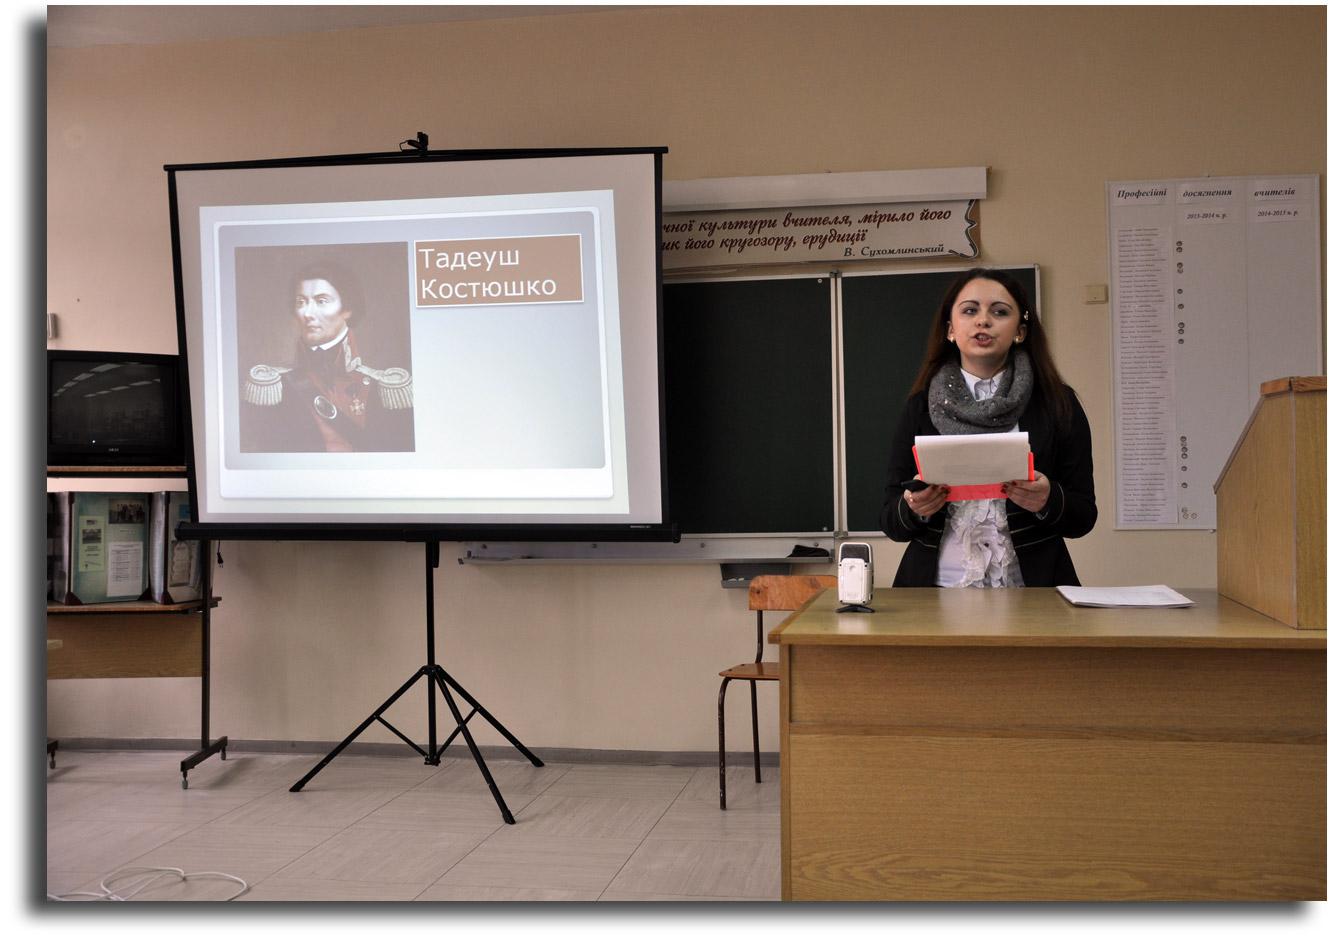 2. Lina Bondarczuk z Kolegium w Nowogrodzie uzyskała nagrodę specjalną za najlepszą prezentację